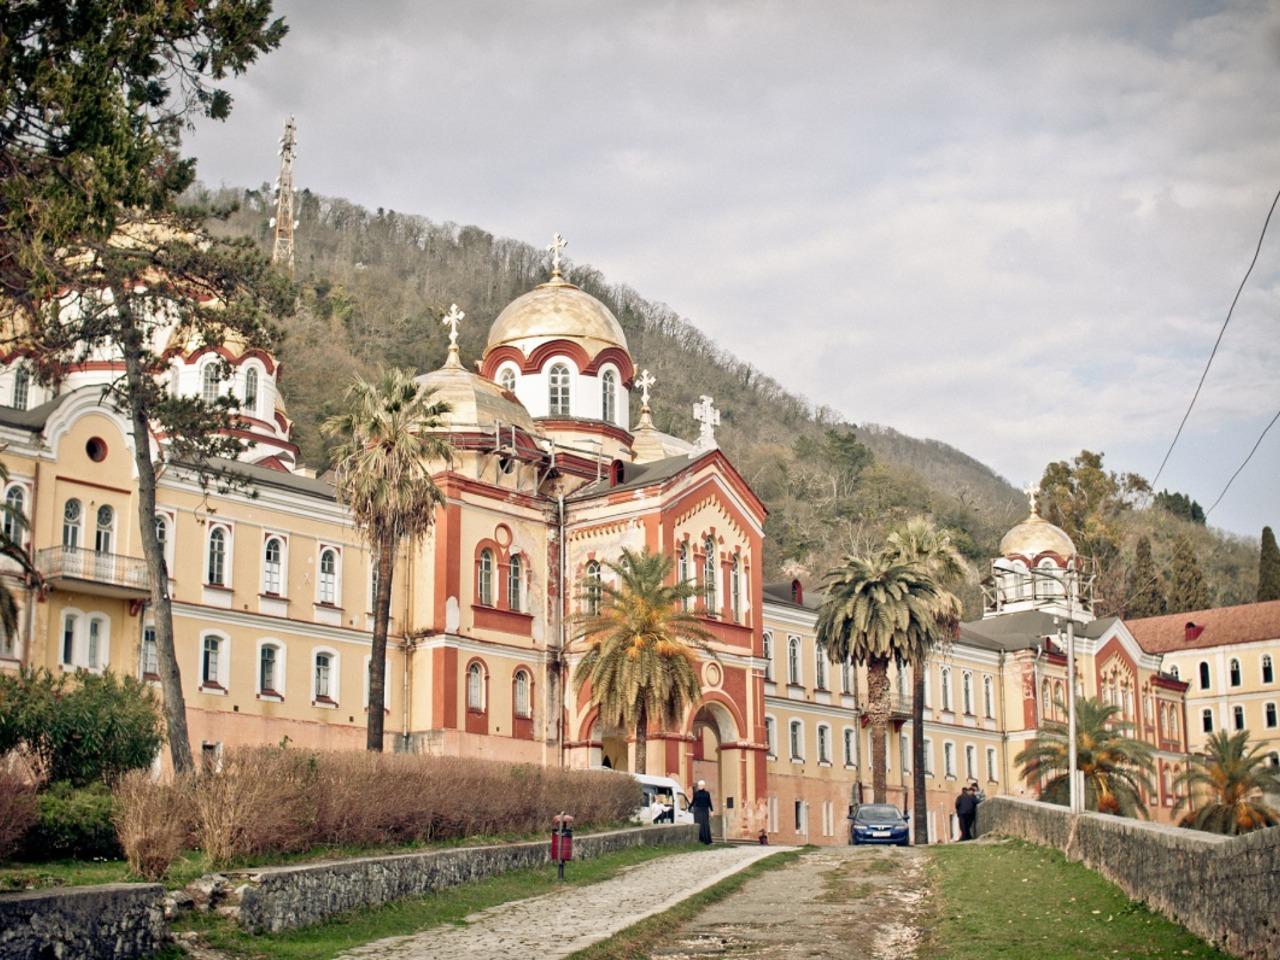 Новый Афон. Истоки христианства на Кавказе - индивидуальная экскурсия в Сухуме от опытного гида